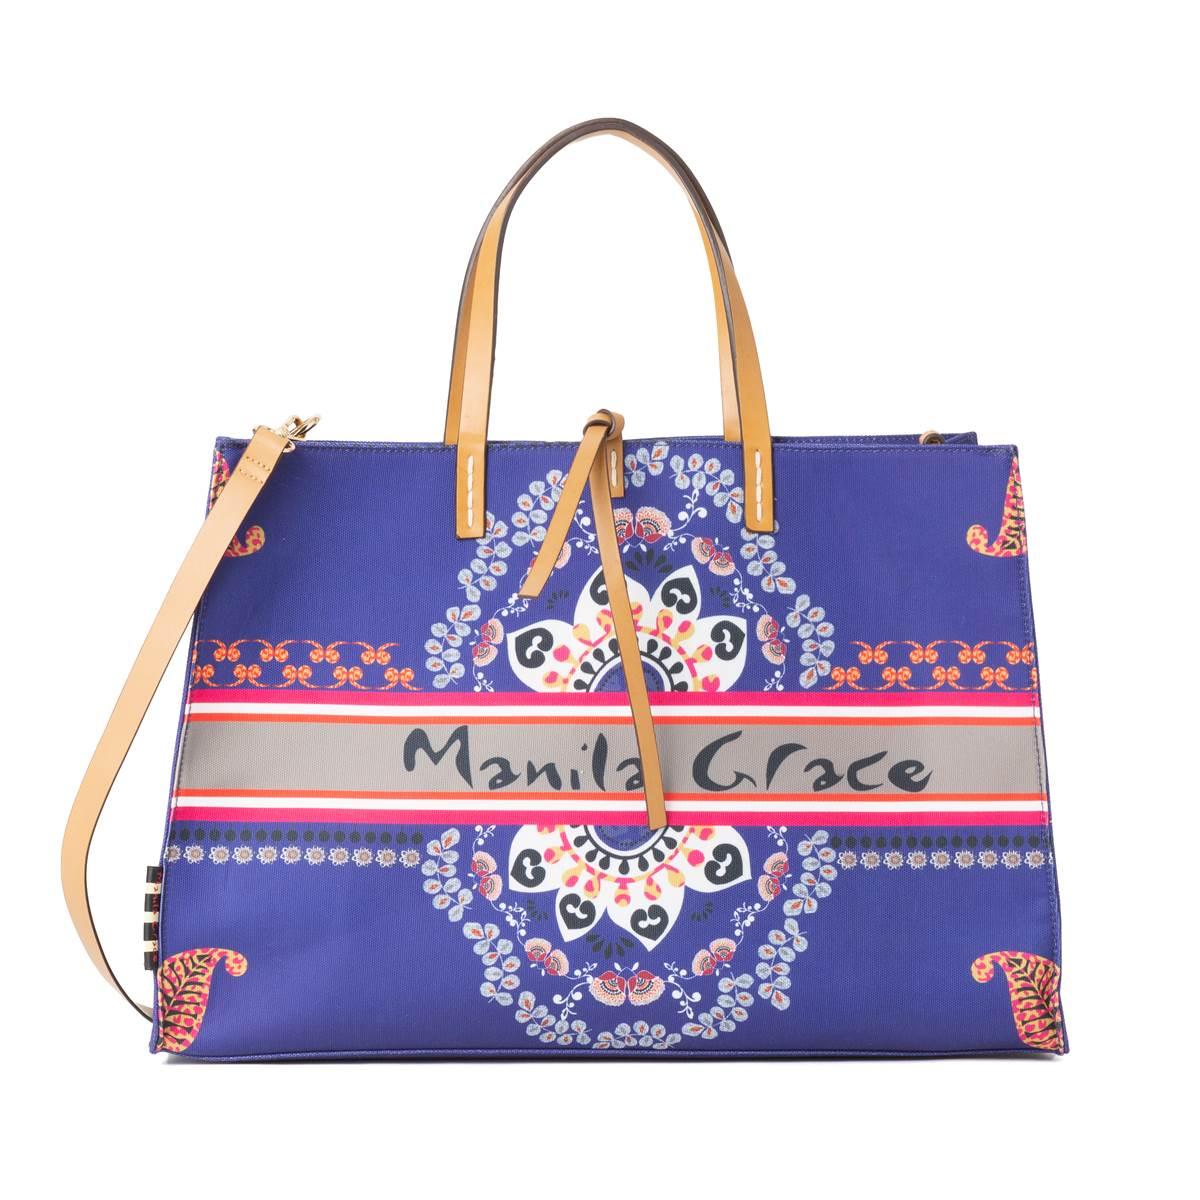 [3月末入荷のご予約] [2020春夏] Manila Grace[マニラグレース] [バッグ] S0WB105ES キャンバスバッグ,レディースバッグ,エスニック